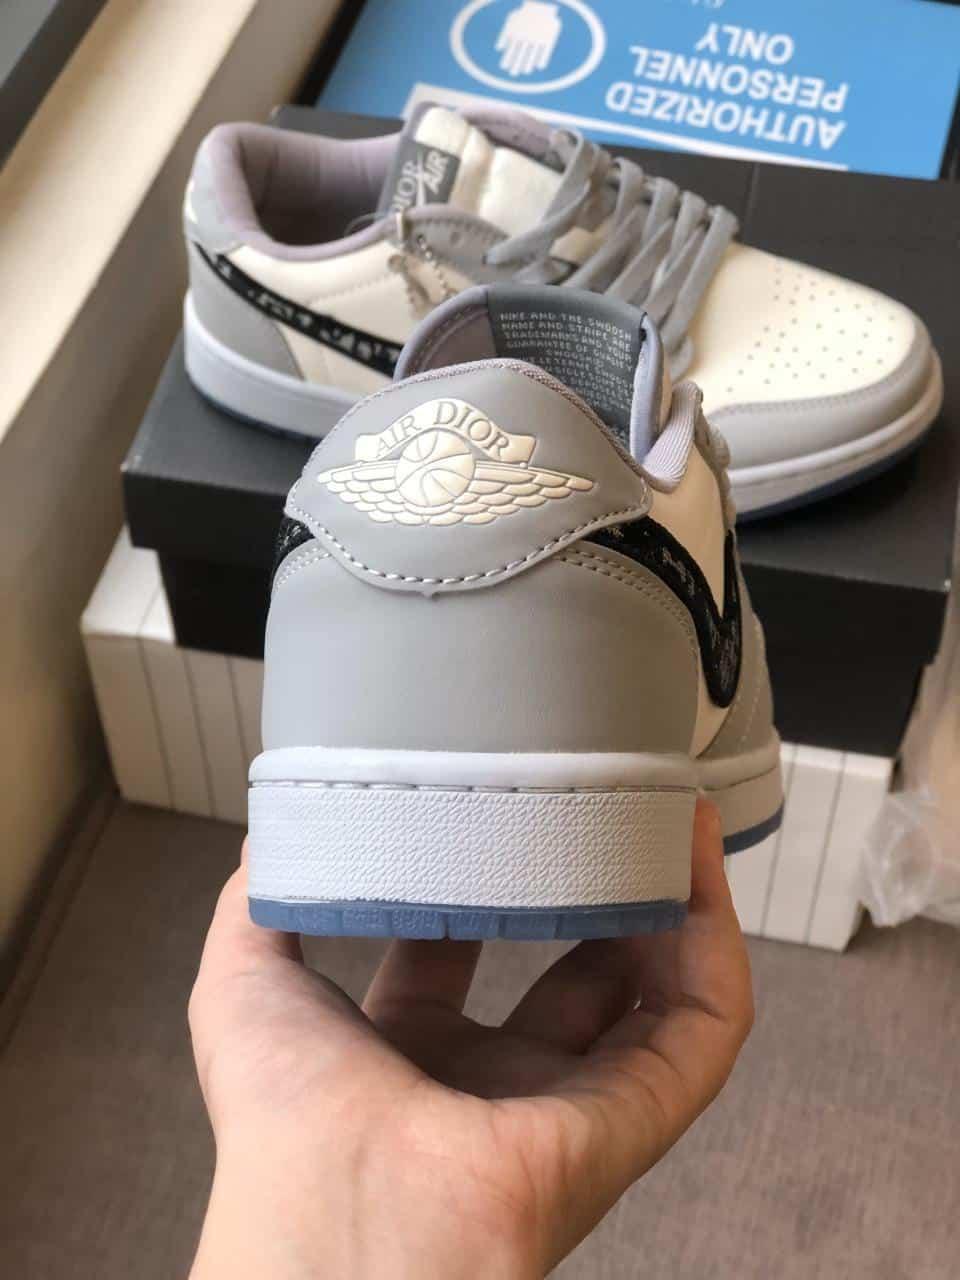 Giày Jordan Dior được gia công tinh tế, tỉ mỉ